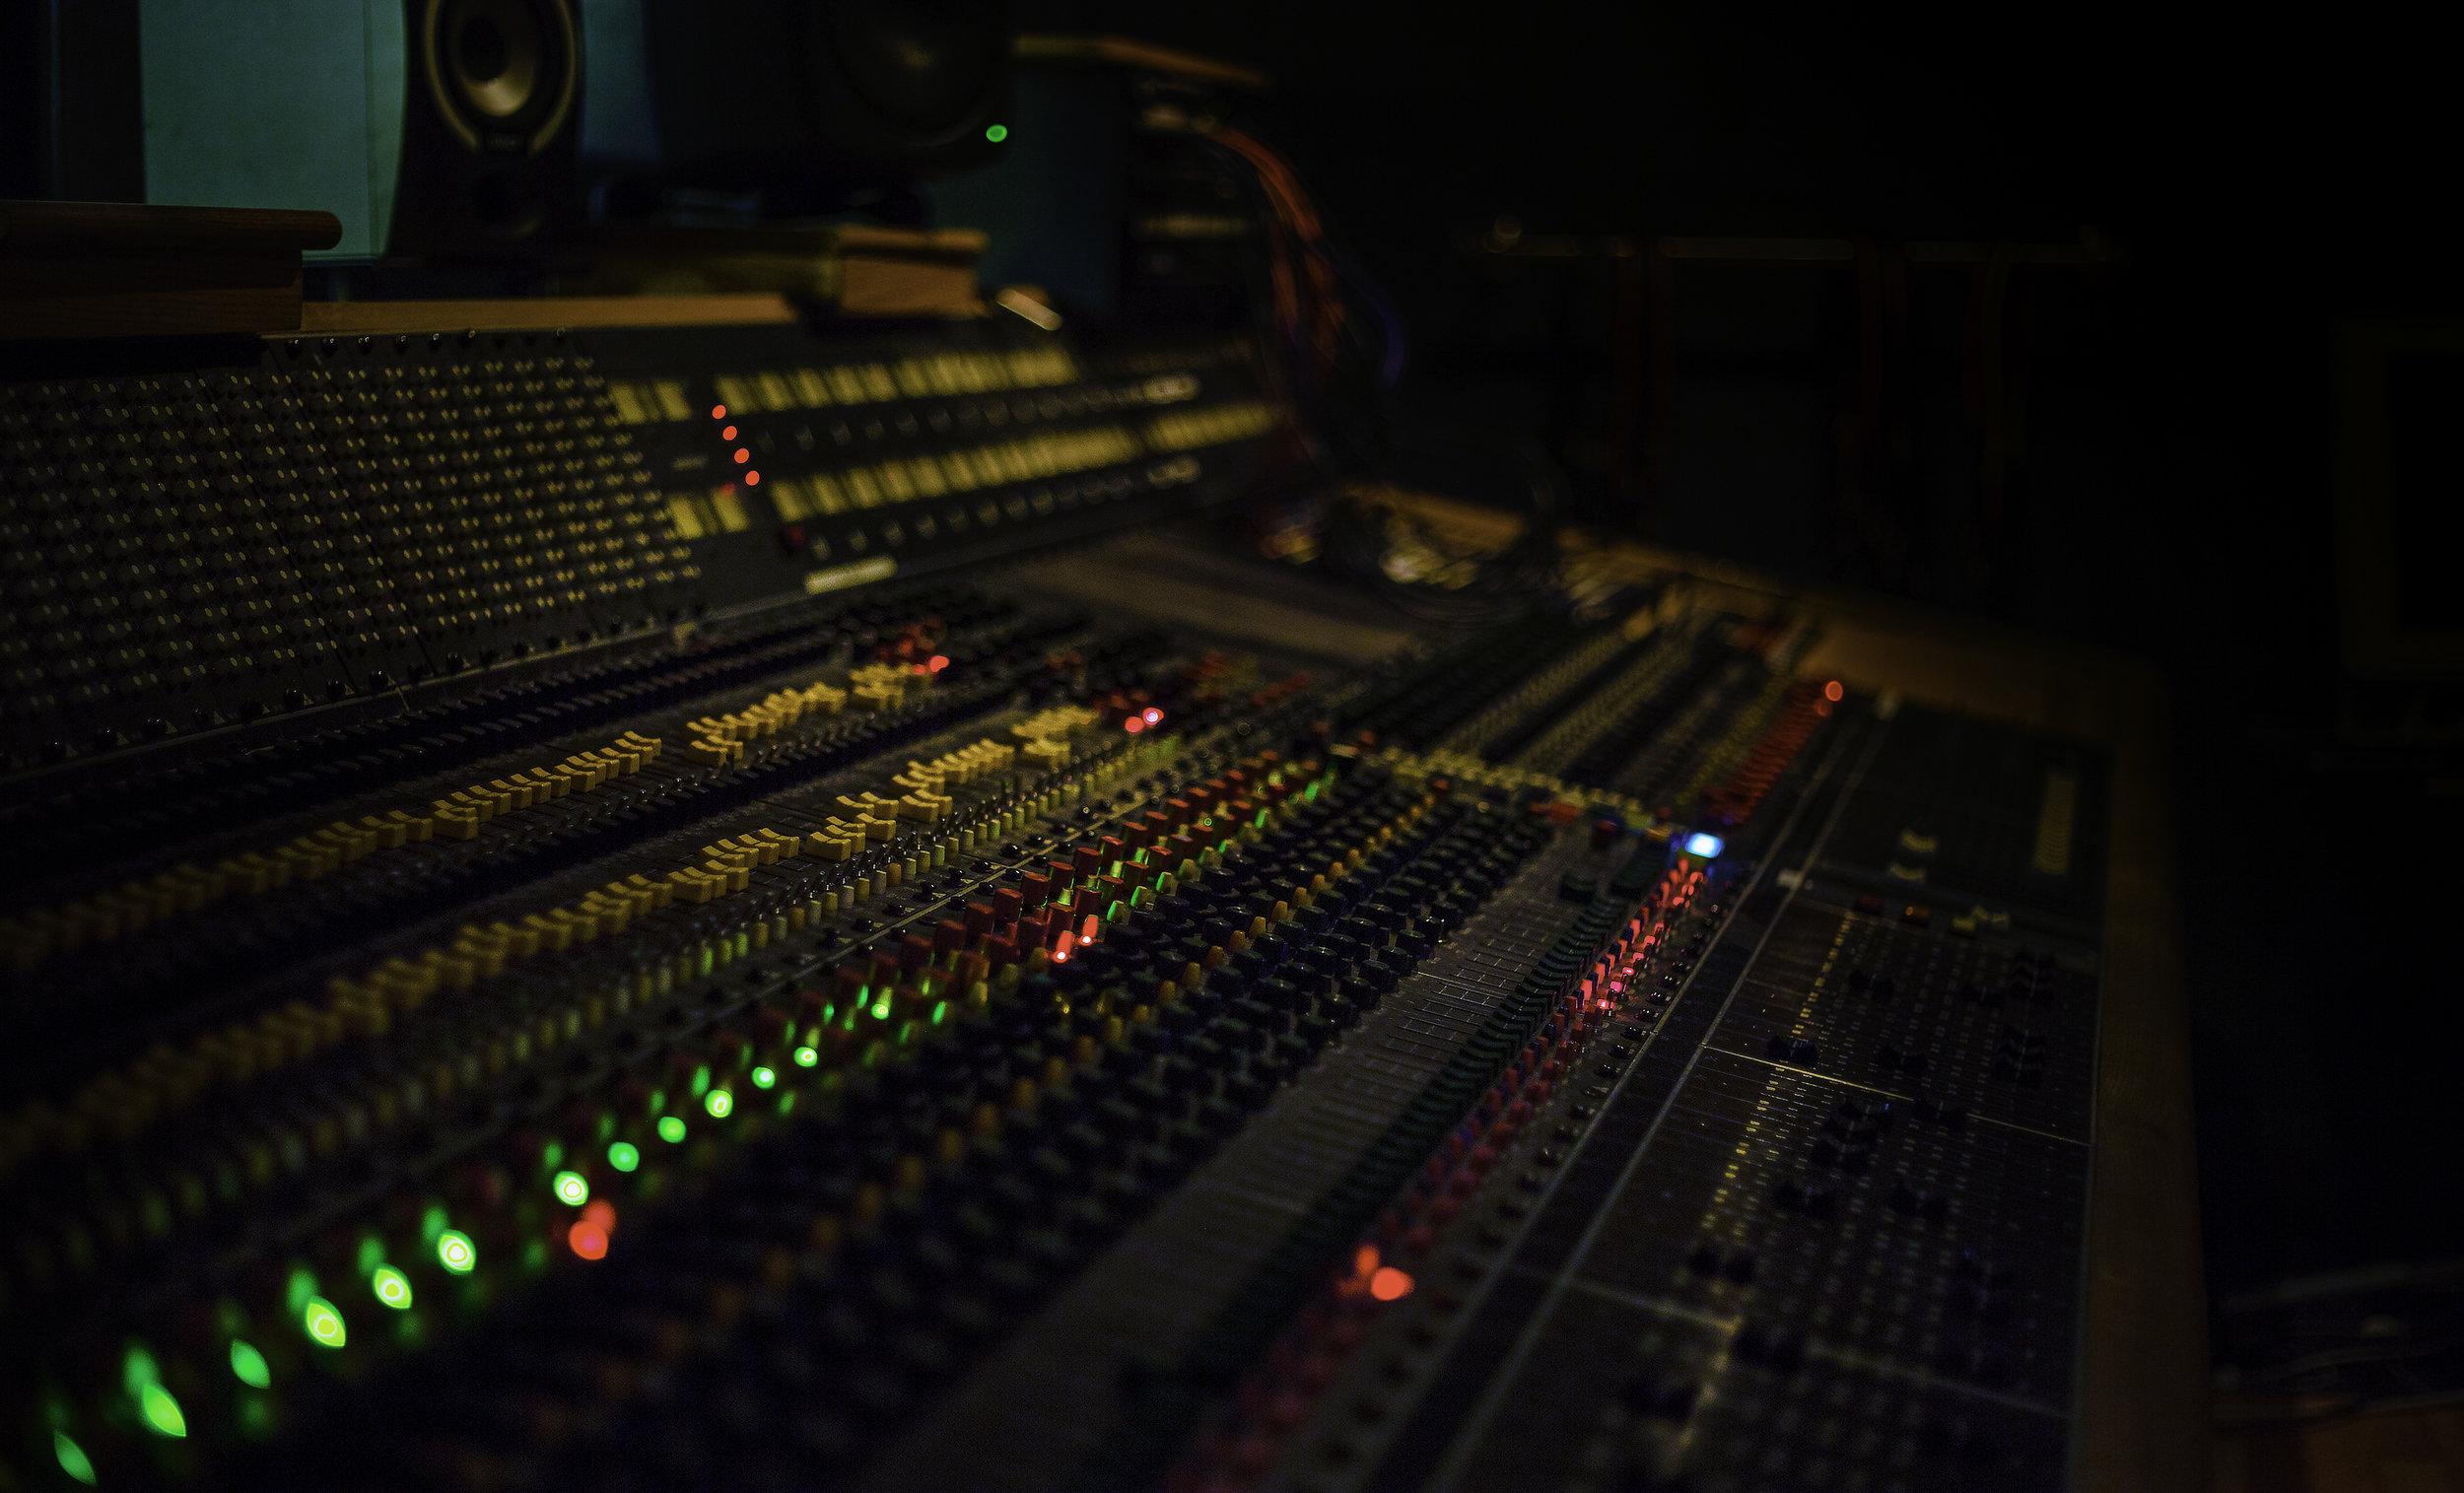 Studioat72dpi_26.jpg